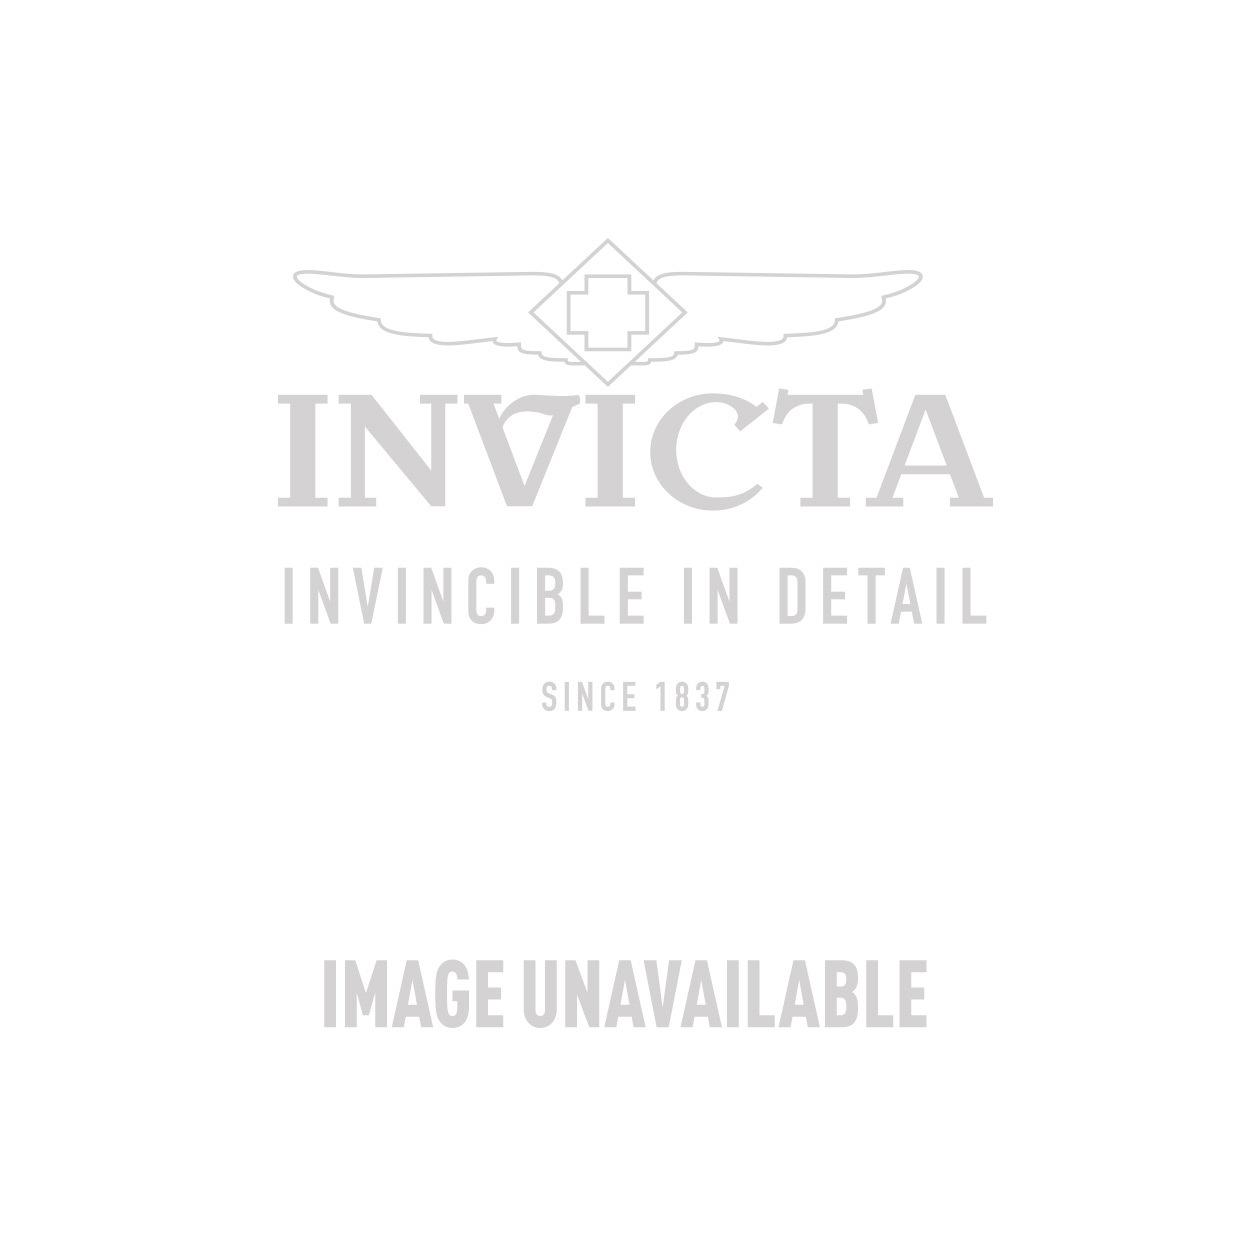 Invicta Model 27585